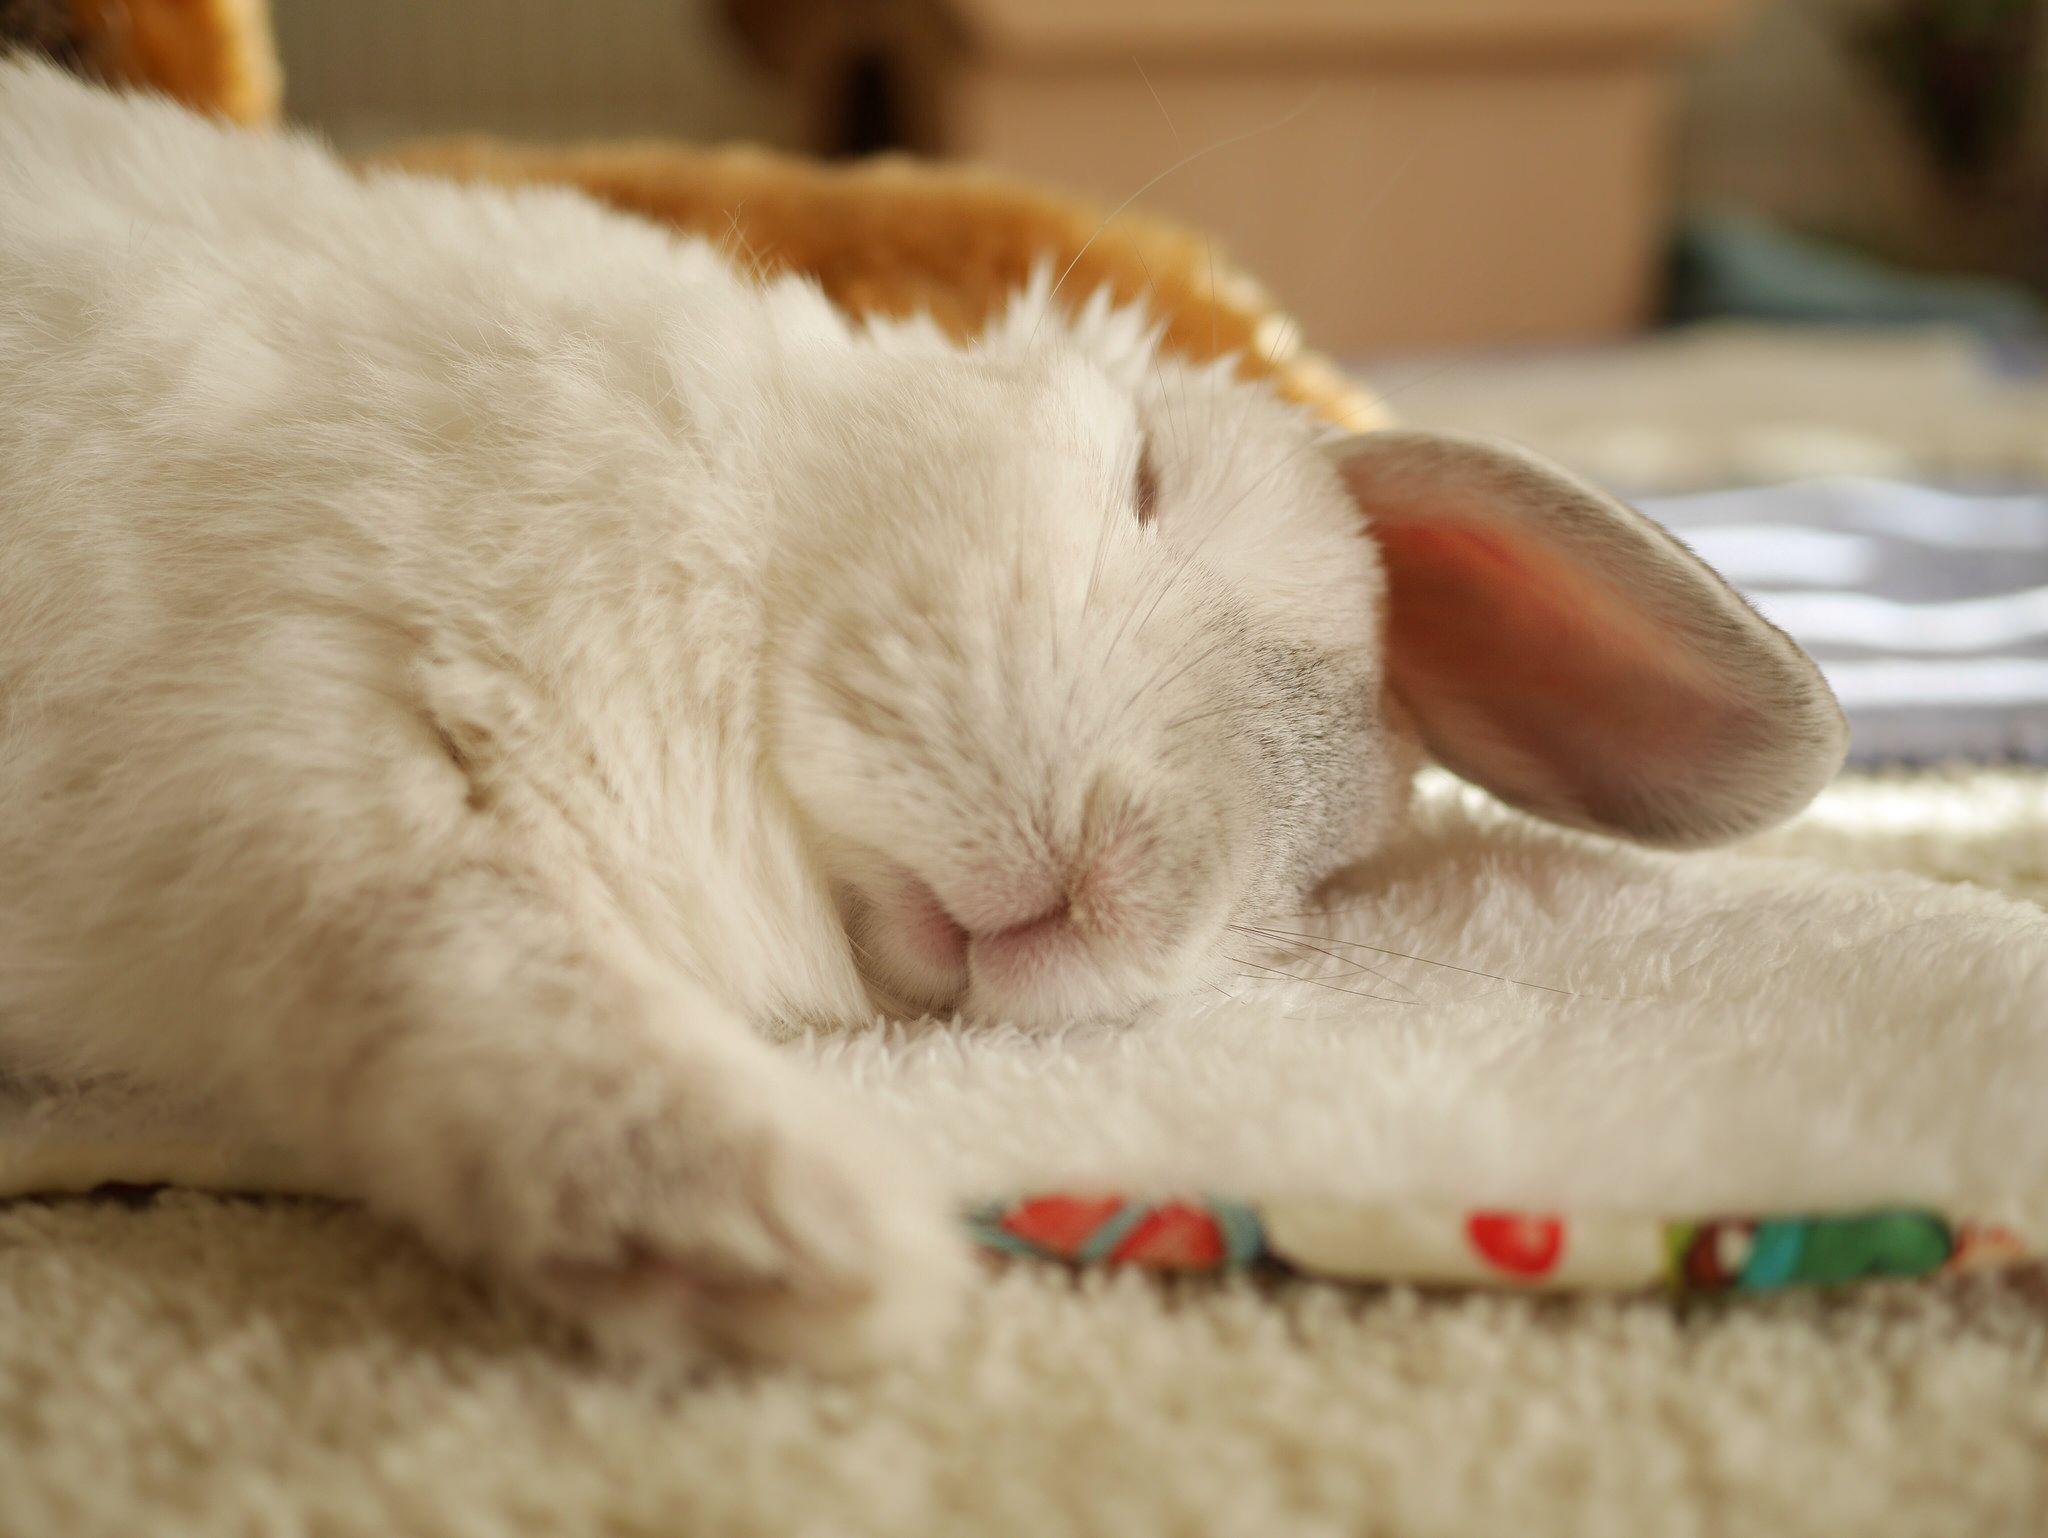 москве зайчик спят картинки также большую поясничную